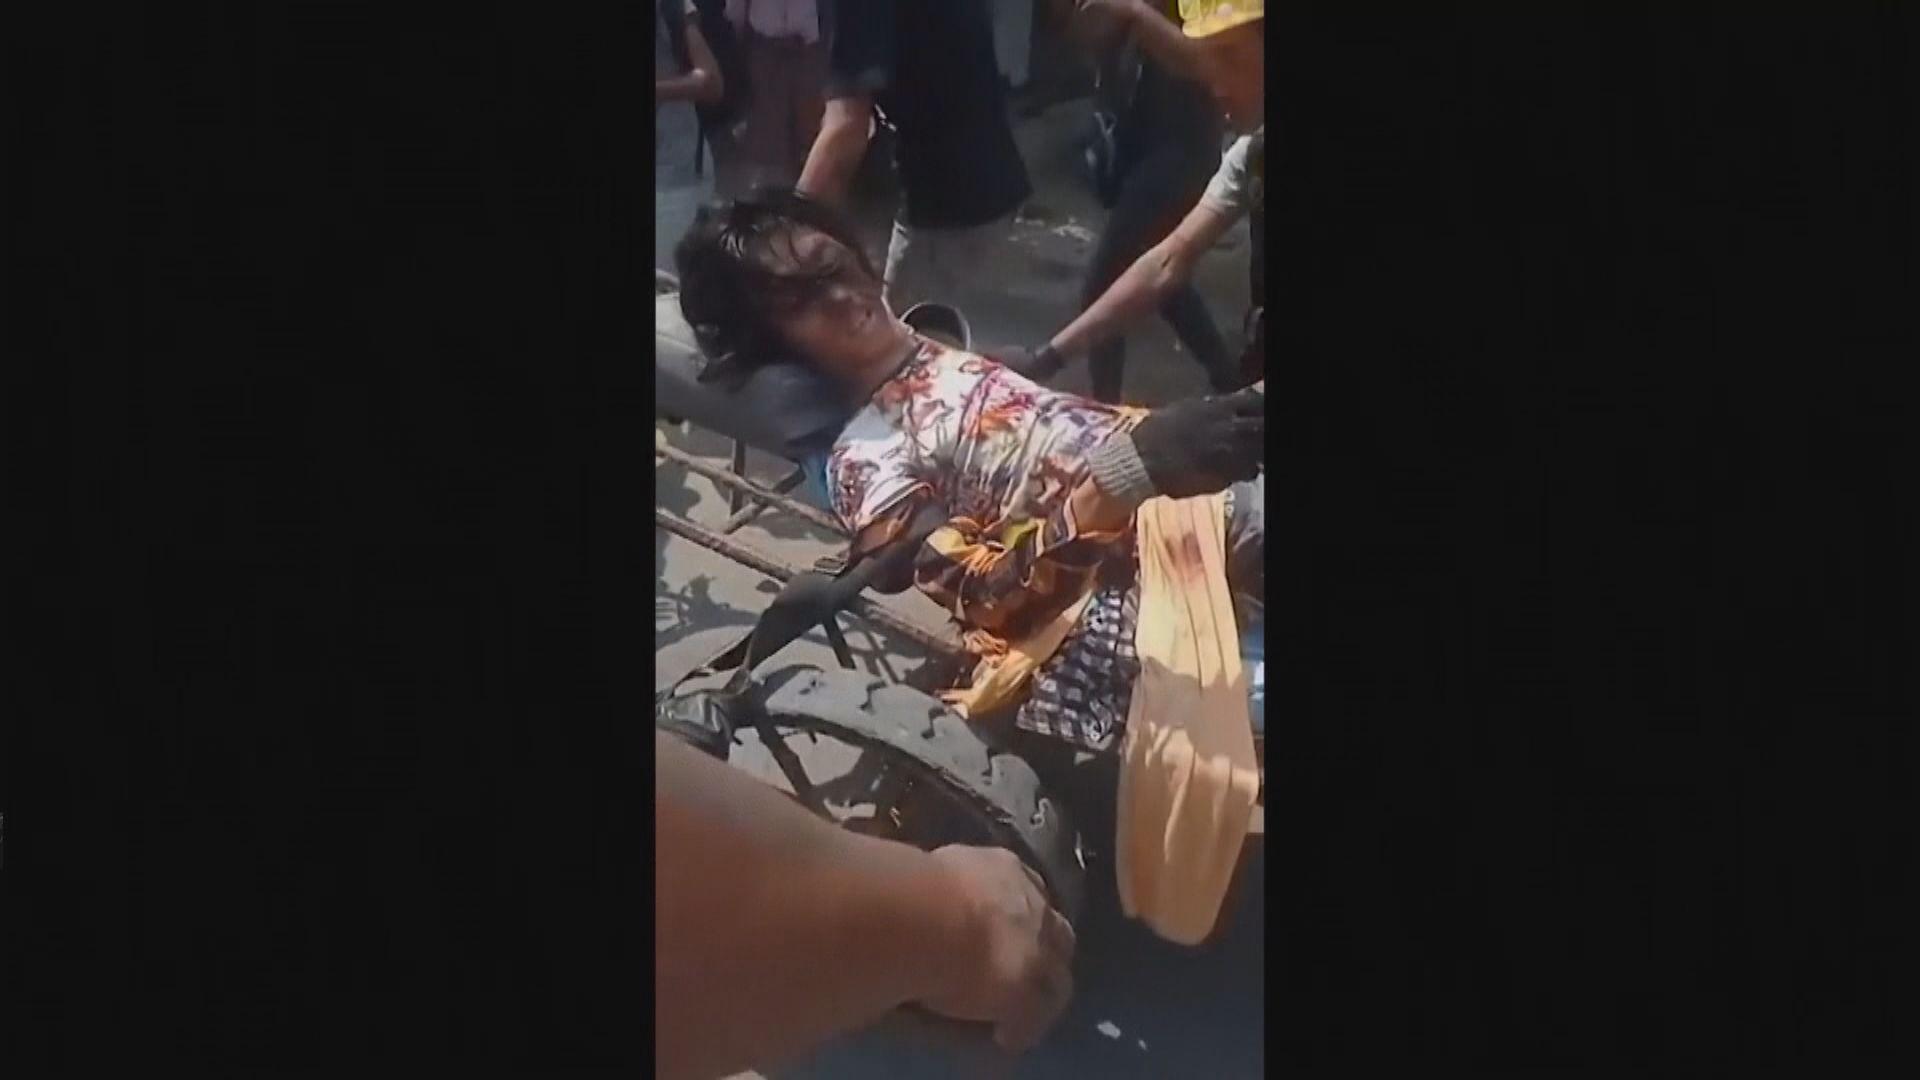 據報緬甸軍警再以實彈鎮壓反政變示威 至少38死